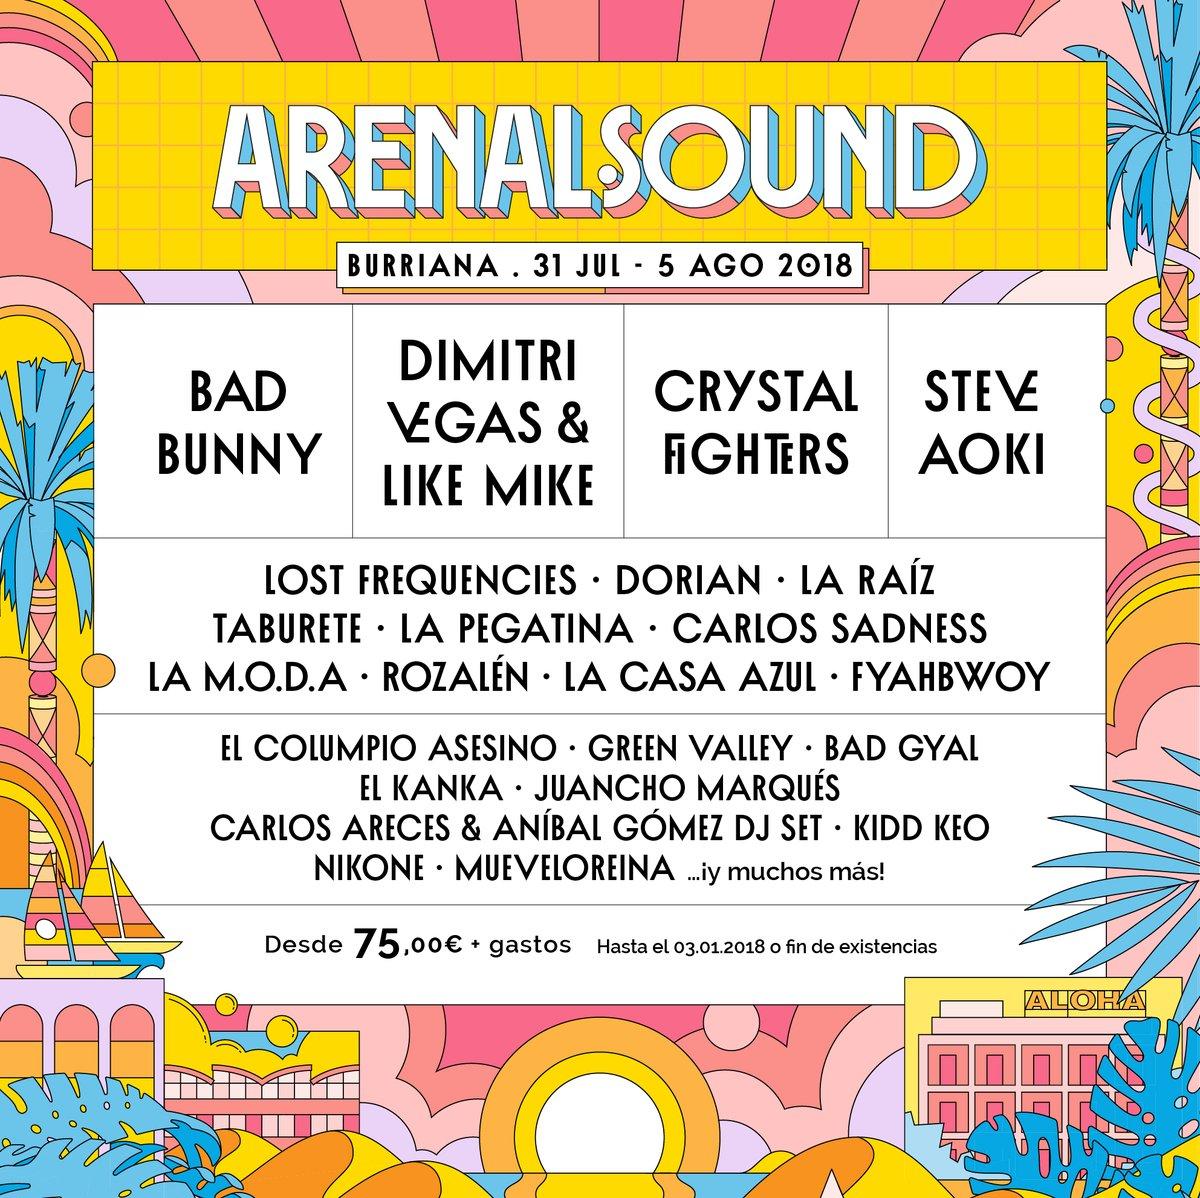 La Pegatina se incorpora al cartel del Arenal Sound 2018